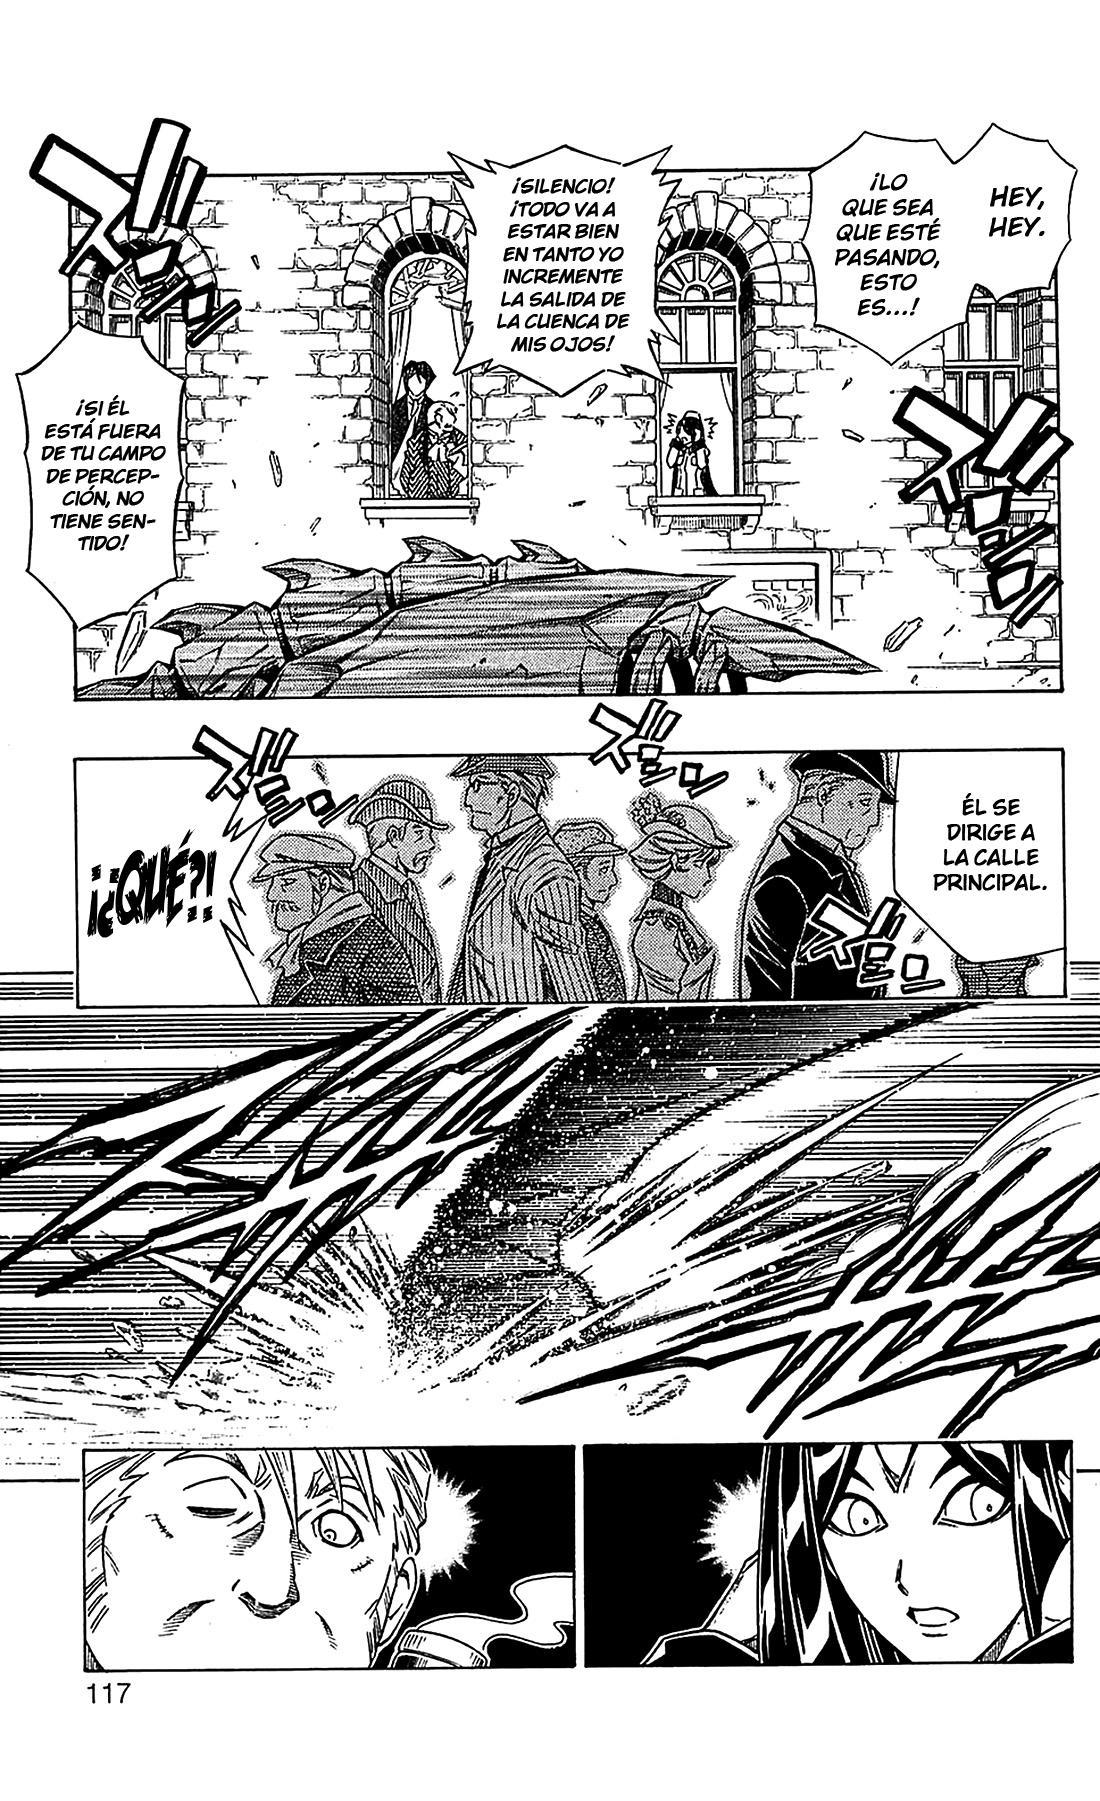 http://c5.ninemanga.com/es_manga/45/18797/447917/4a4dd29595c45f41448545bc57637630.jpg Page 7